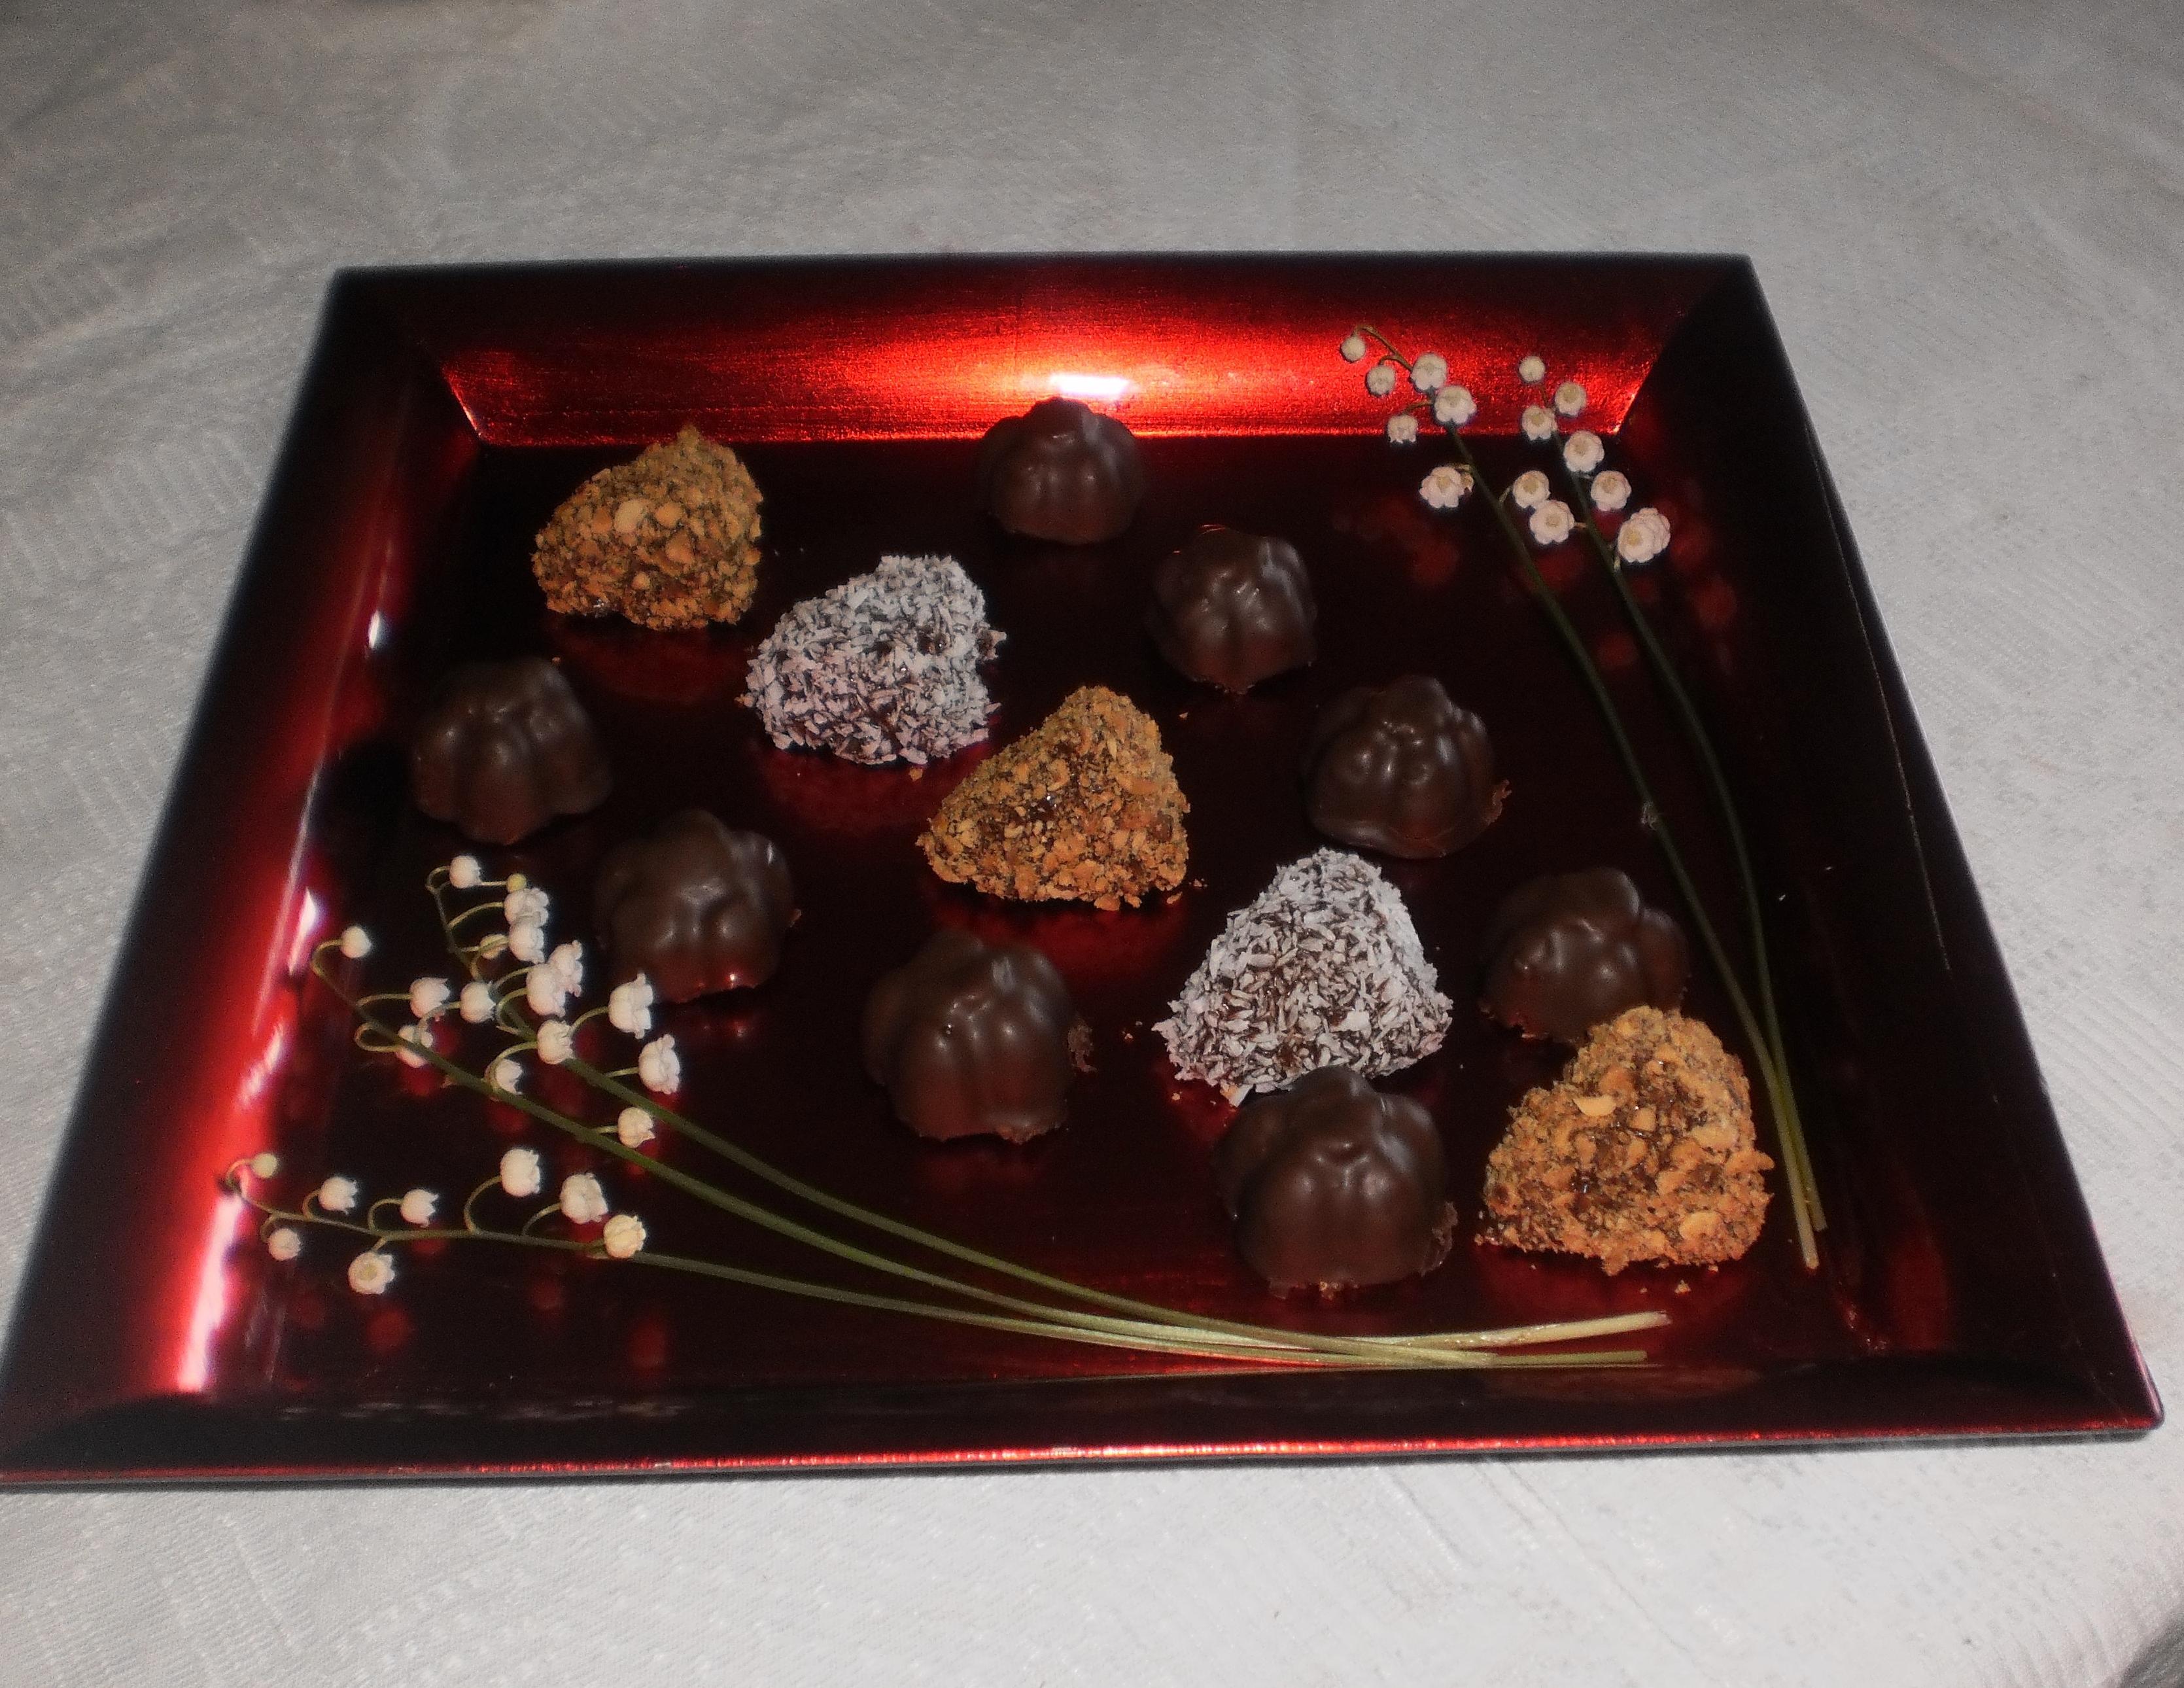 kokosbollar doppade i choklad